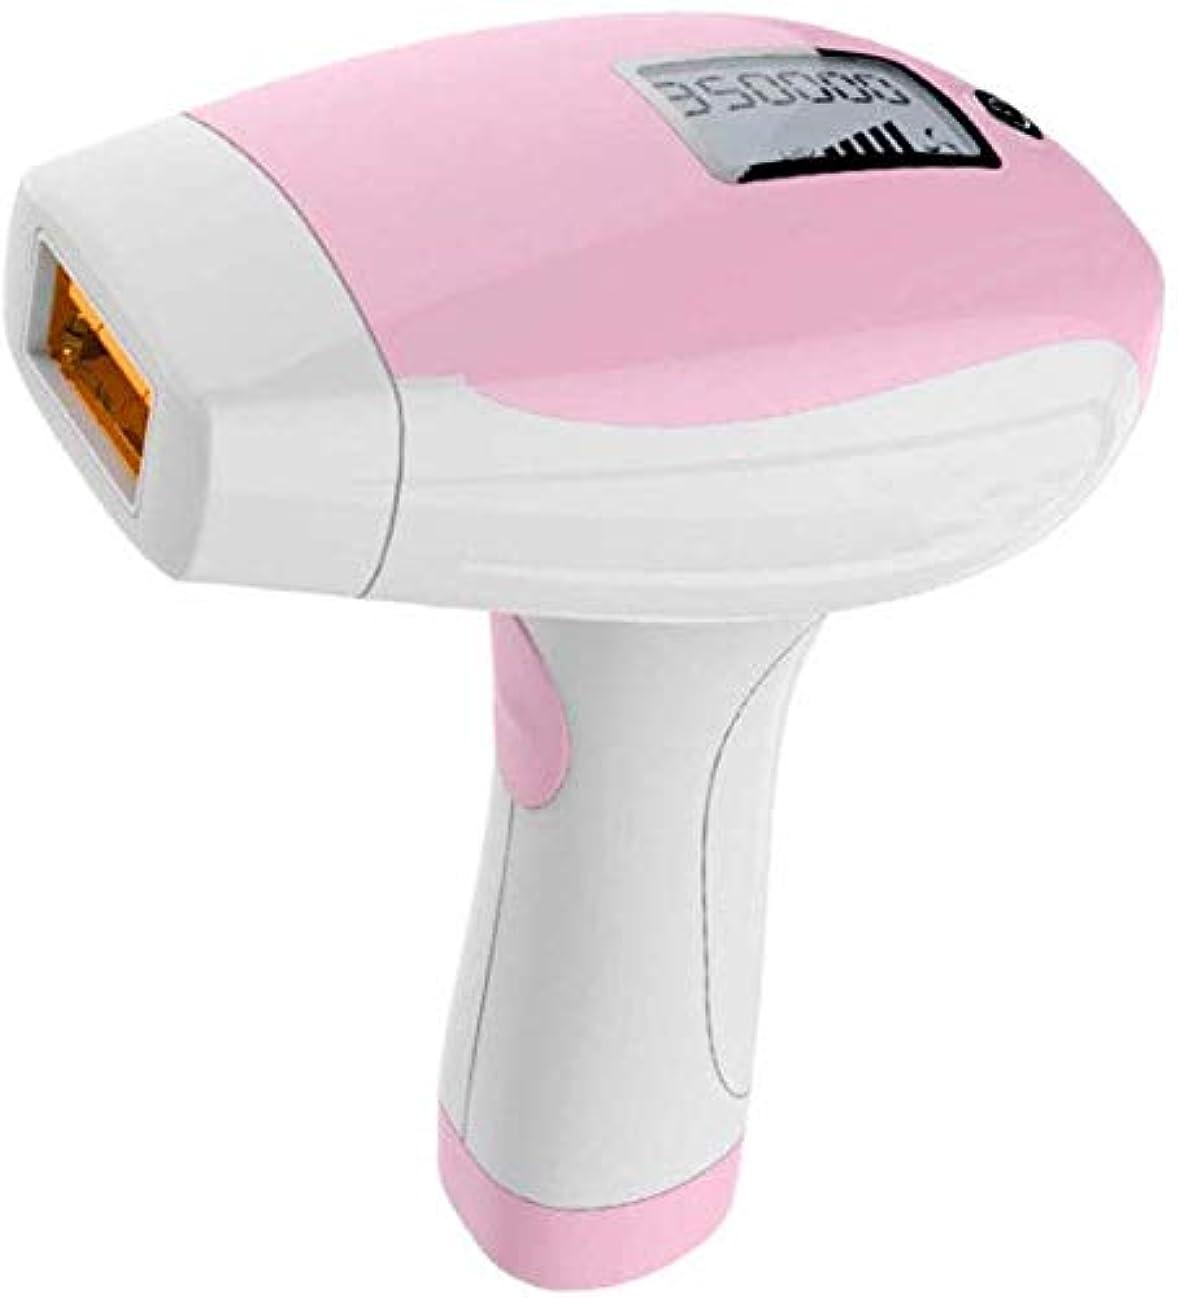 達成森計器HABAIS 脱毛装置、女性と男性のための脱毛システム 400000 点滅 専門職 顔/脇の下/腕/胸/背中/ビキニライン/脚用,Pink